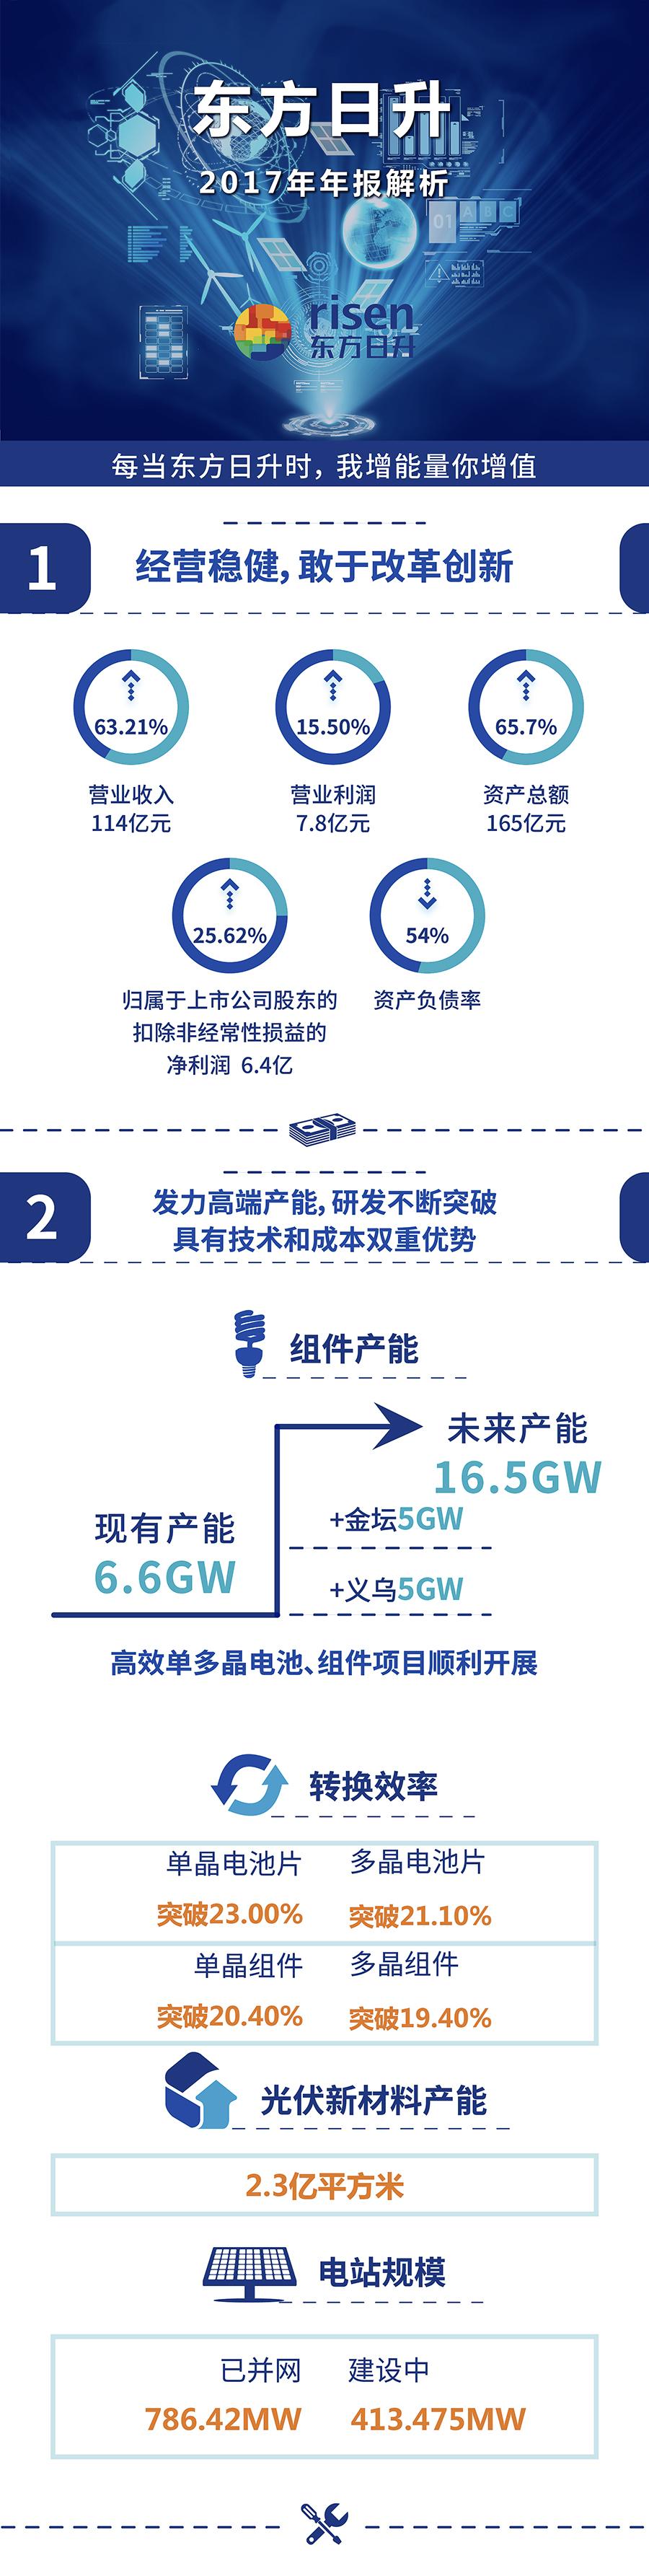 图解财报 | 东方日升2017年年报:净利润6.4亿 组件产能6.6GW